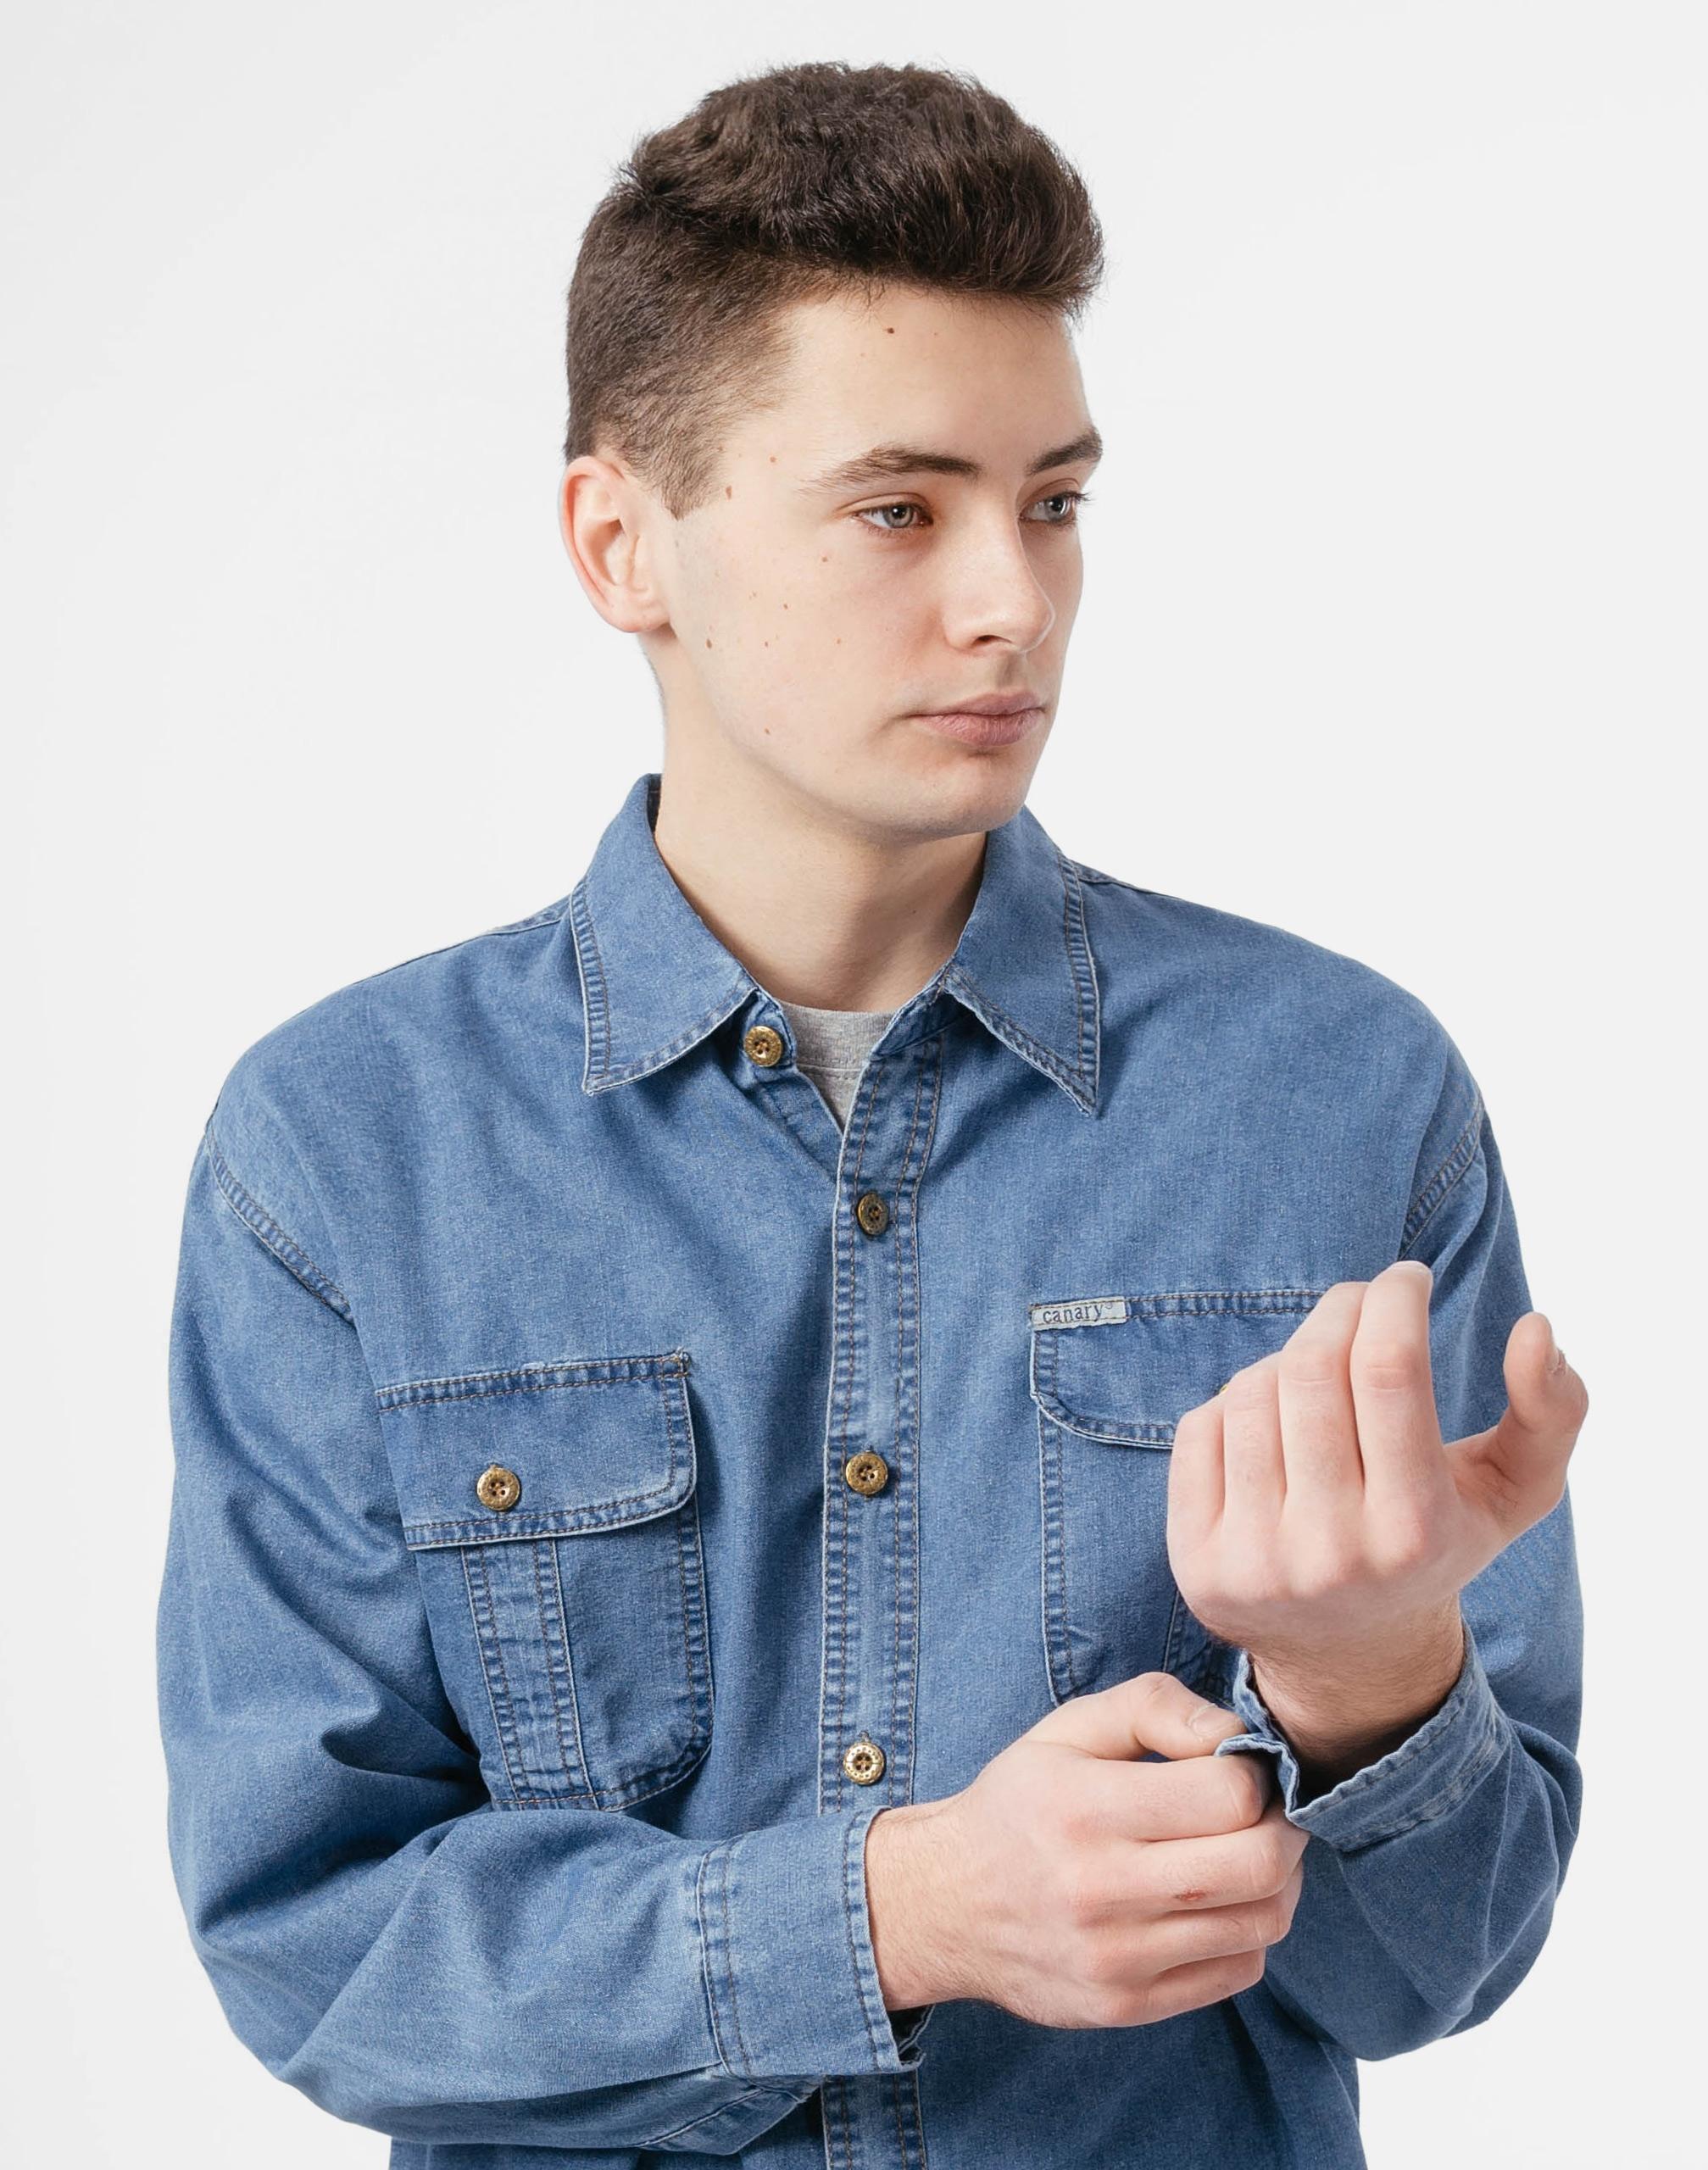 Koszula Męska Jeansowa Dżinsowa Jeans 8052 01 XXL 9022662900  glkFE